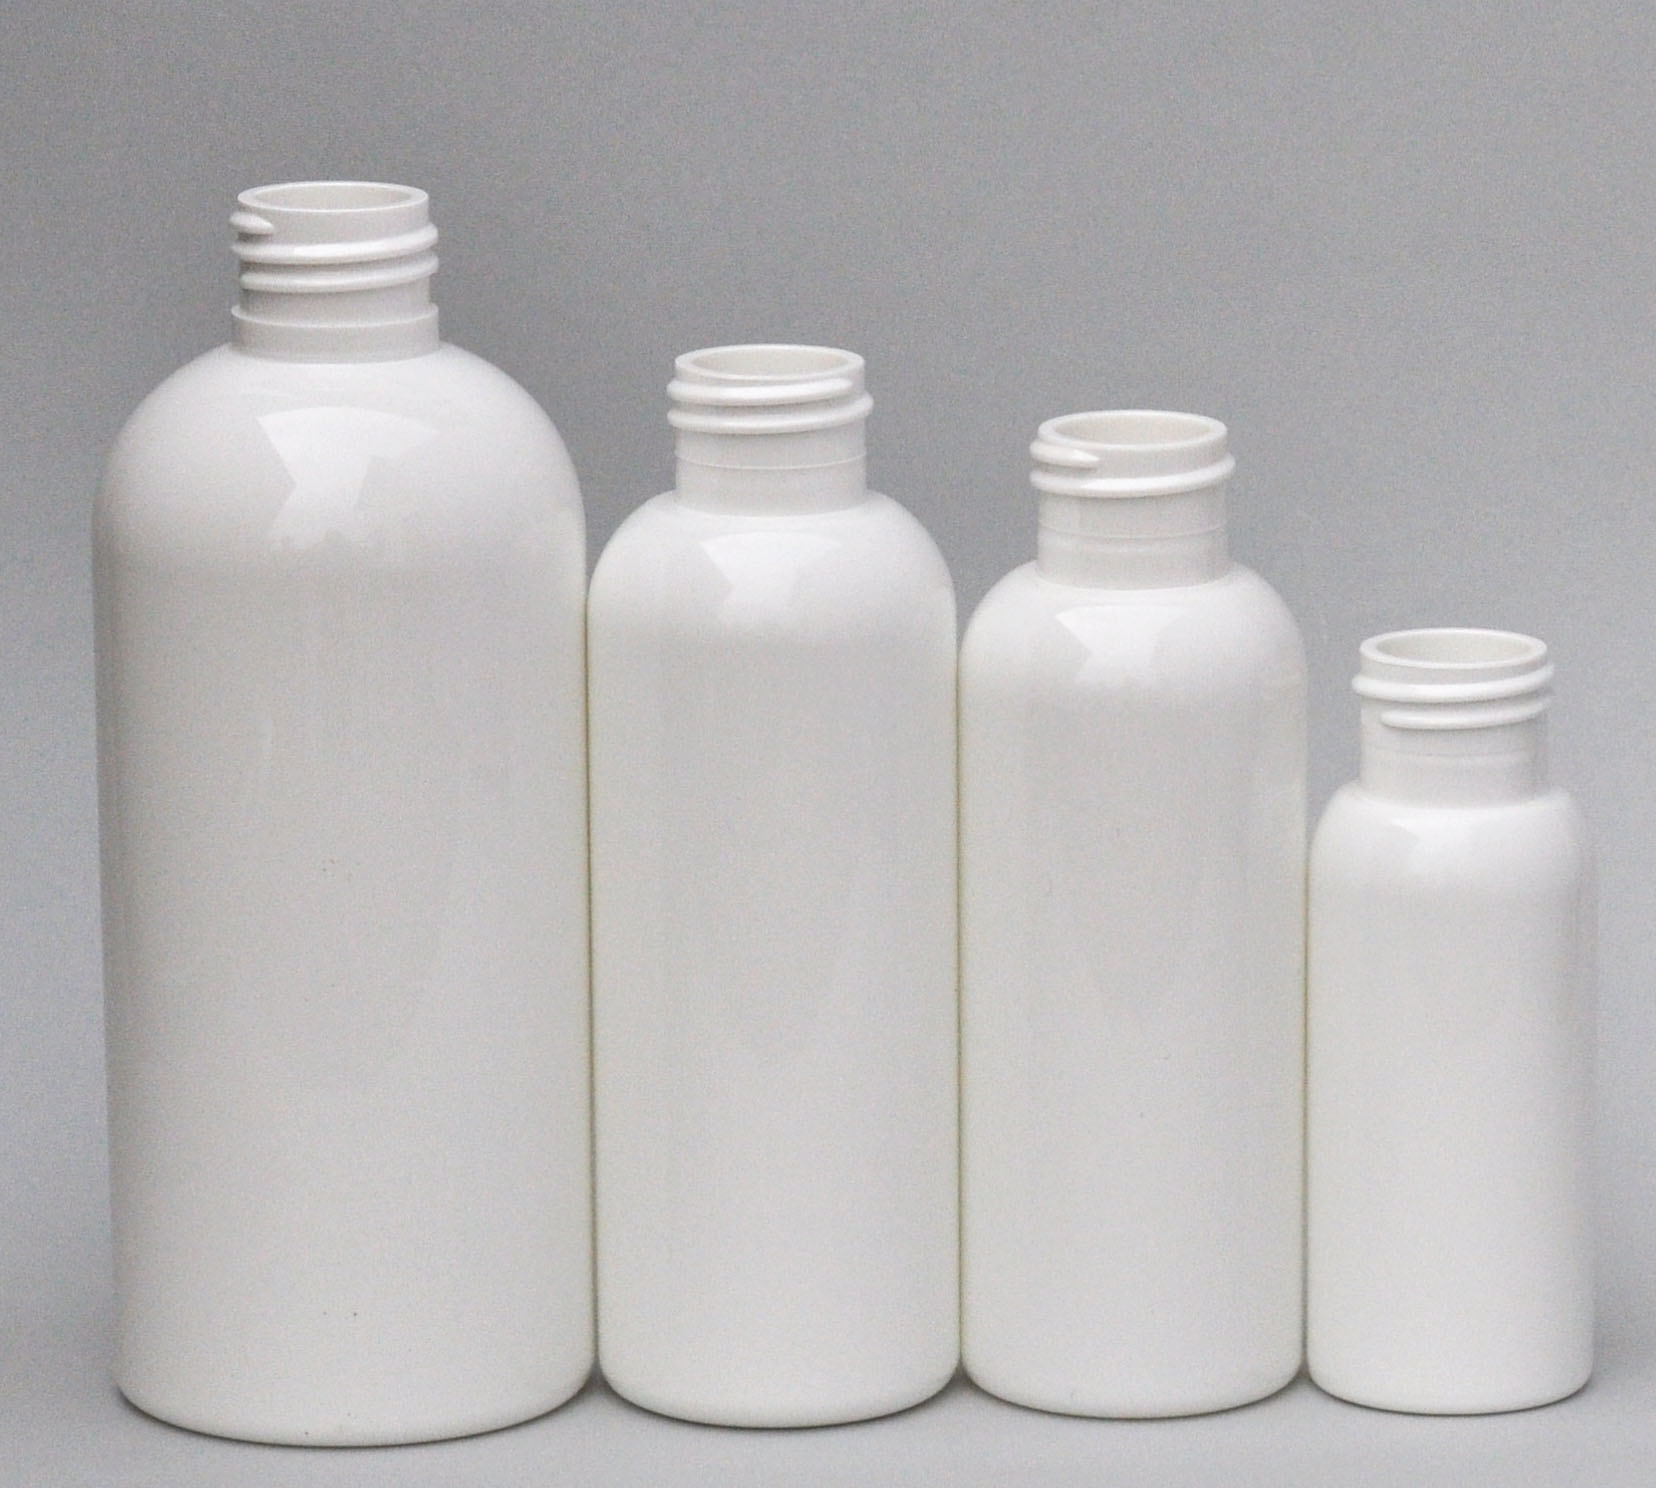 SNEP-125BPETW-125ml White PET Boston Bottle with 24/410 Neck